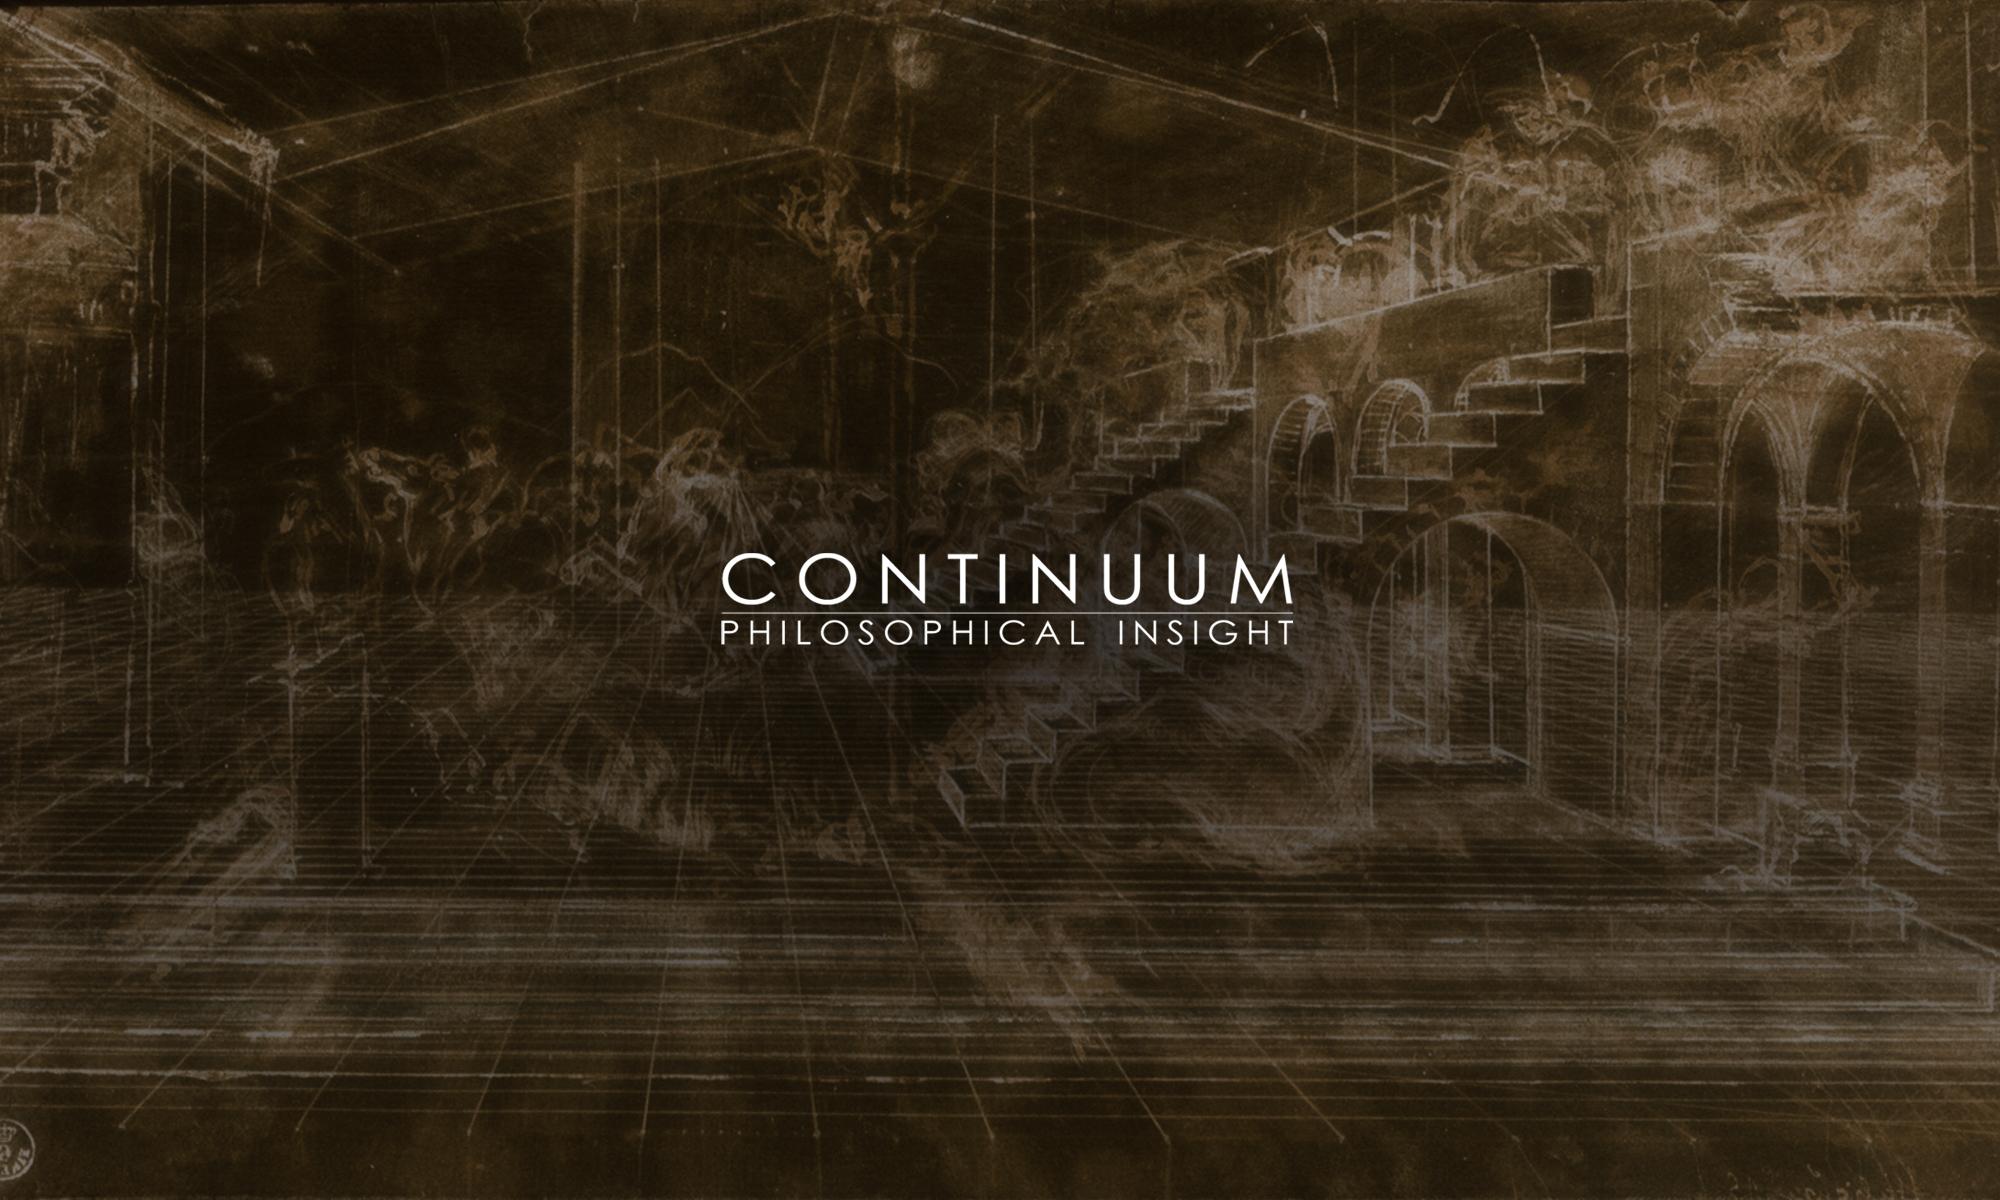 Continuum Philosophical Insight